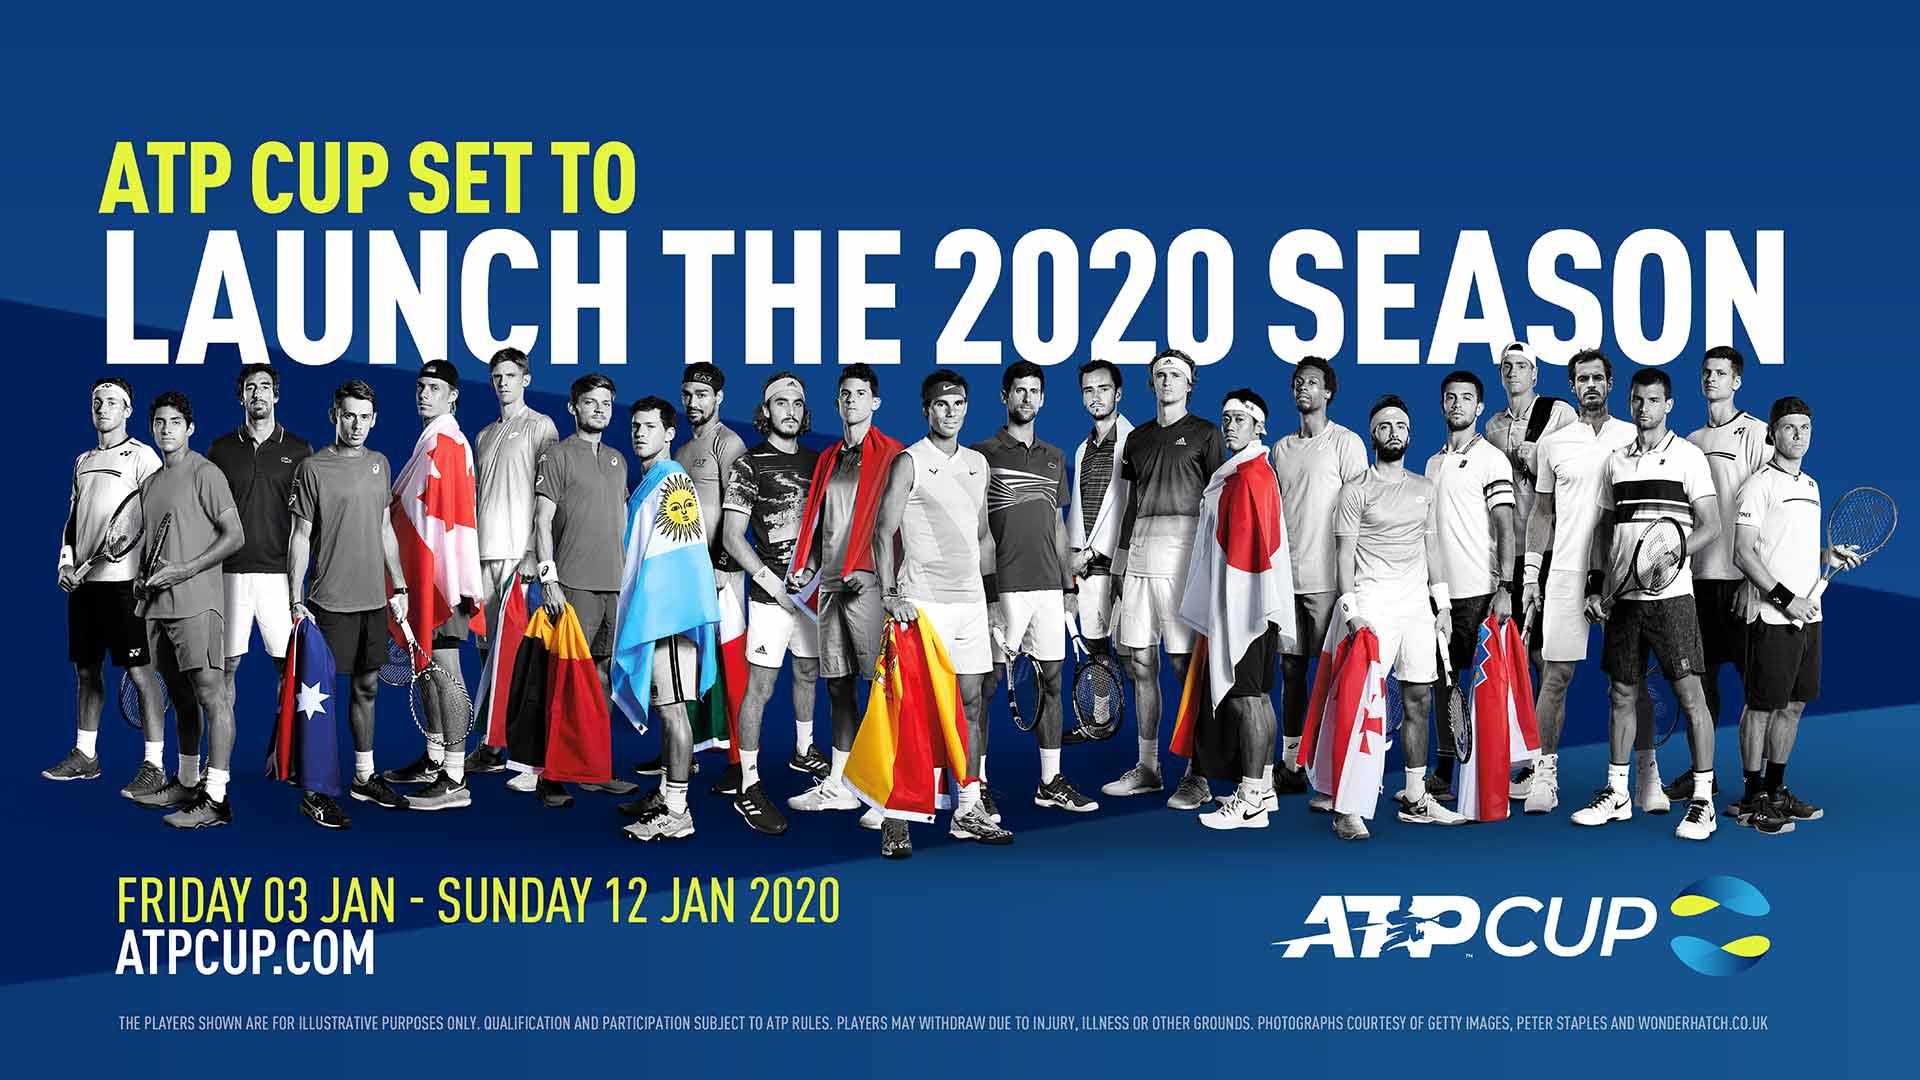 Правила и инновации на командном турнире ATP Cup